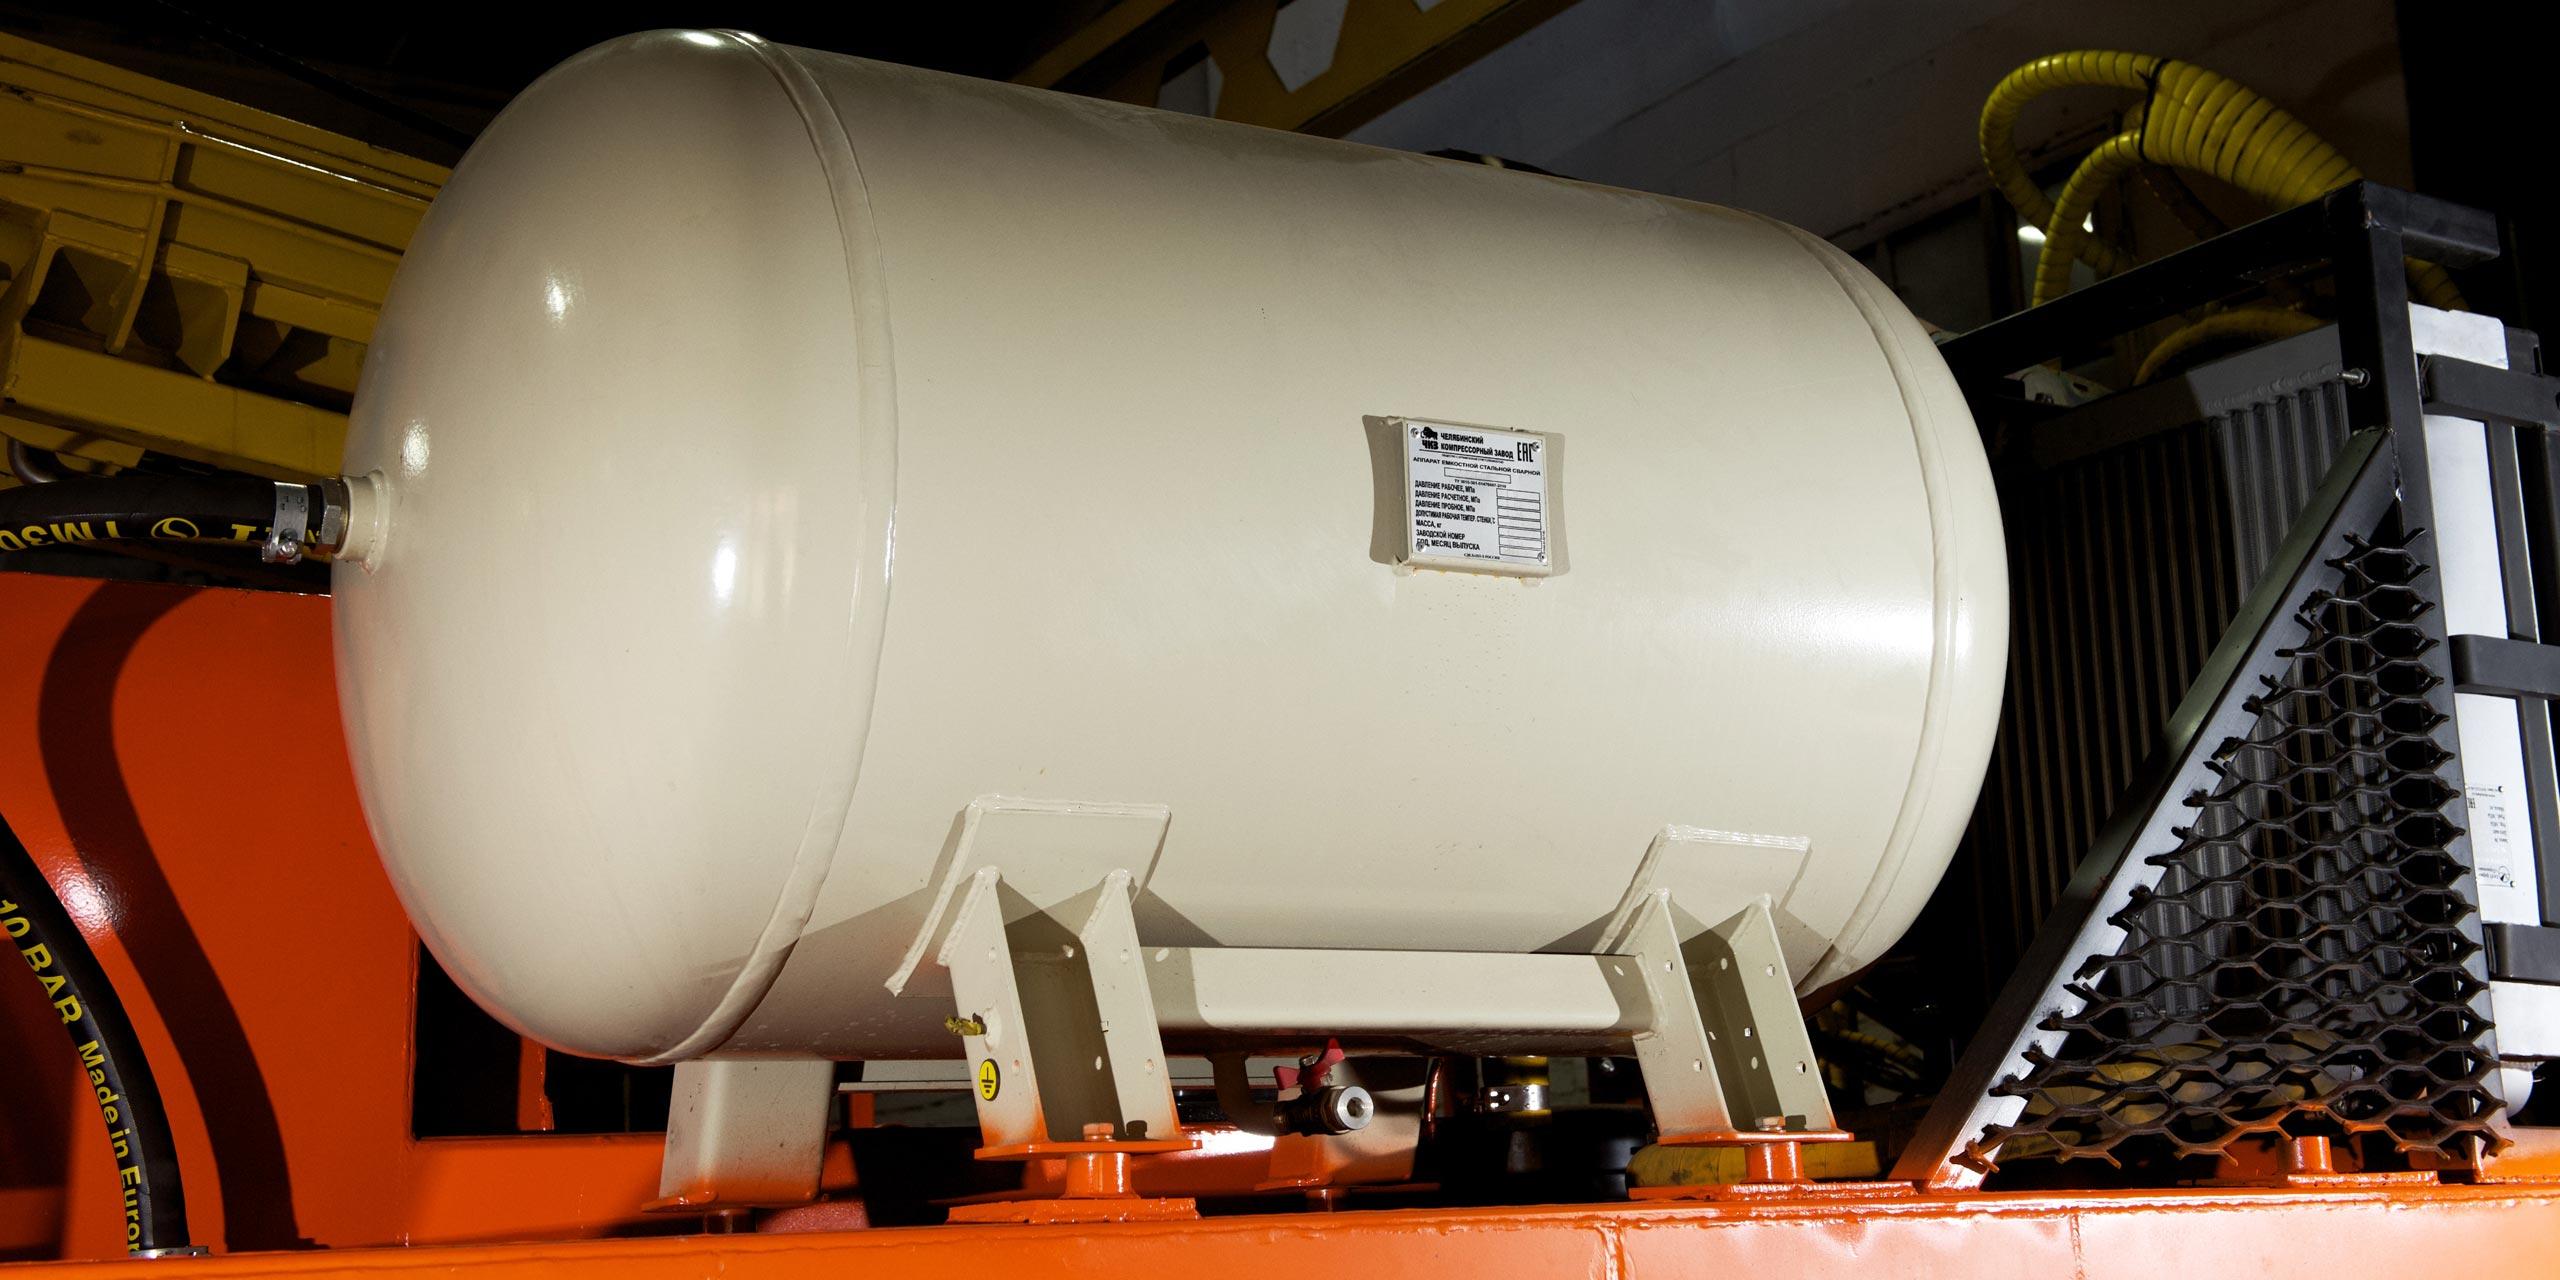 Установка буровая гидромеханизированная УБГМ-1А со статикой на базе многоцелевого снегоболотохода КТМ-11В